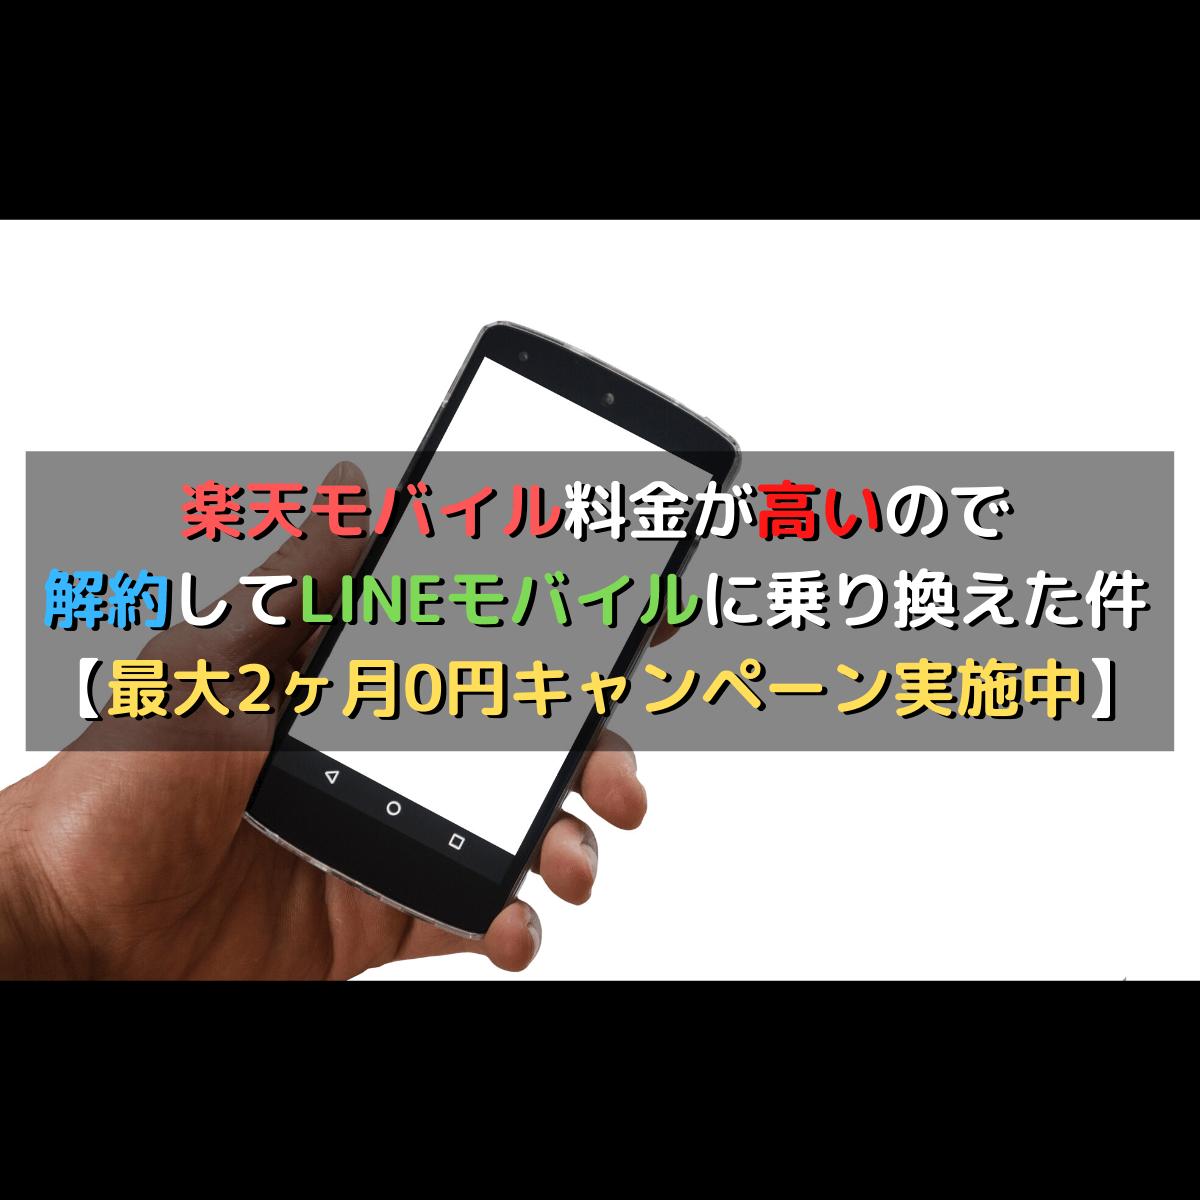 解約 楽天モバイル キャンペーン